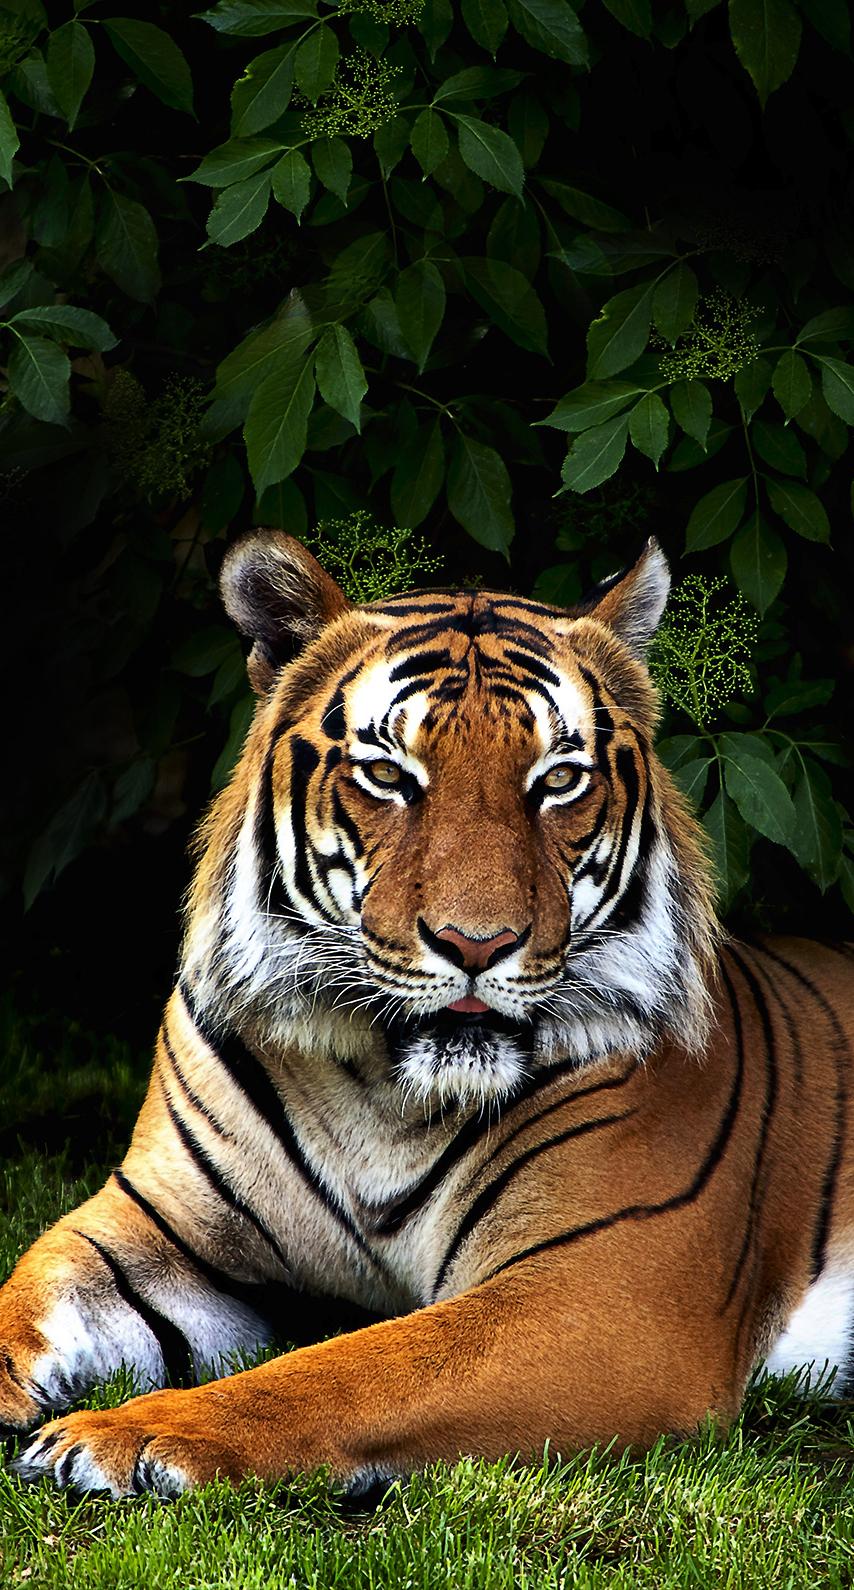 zoo, wildlife